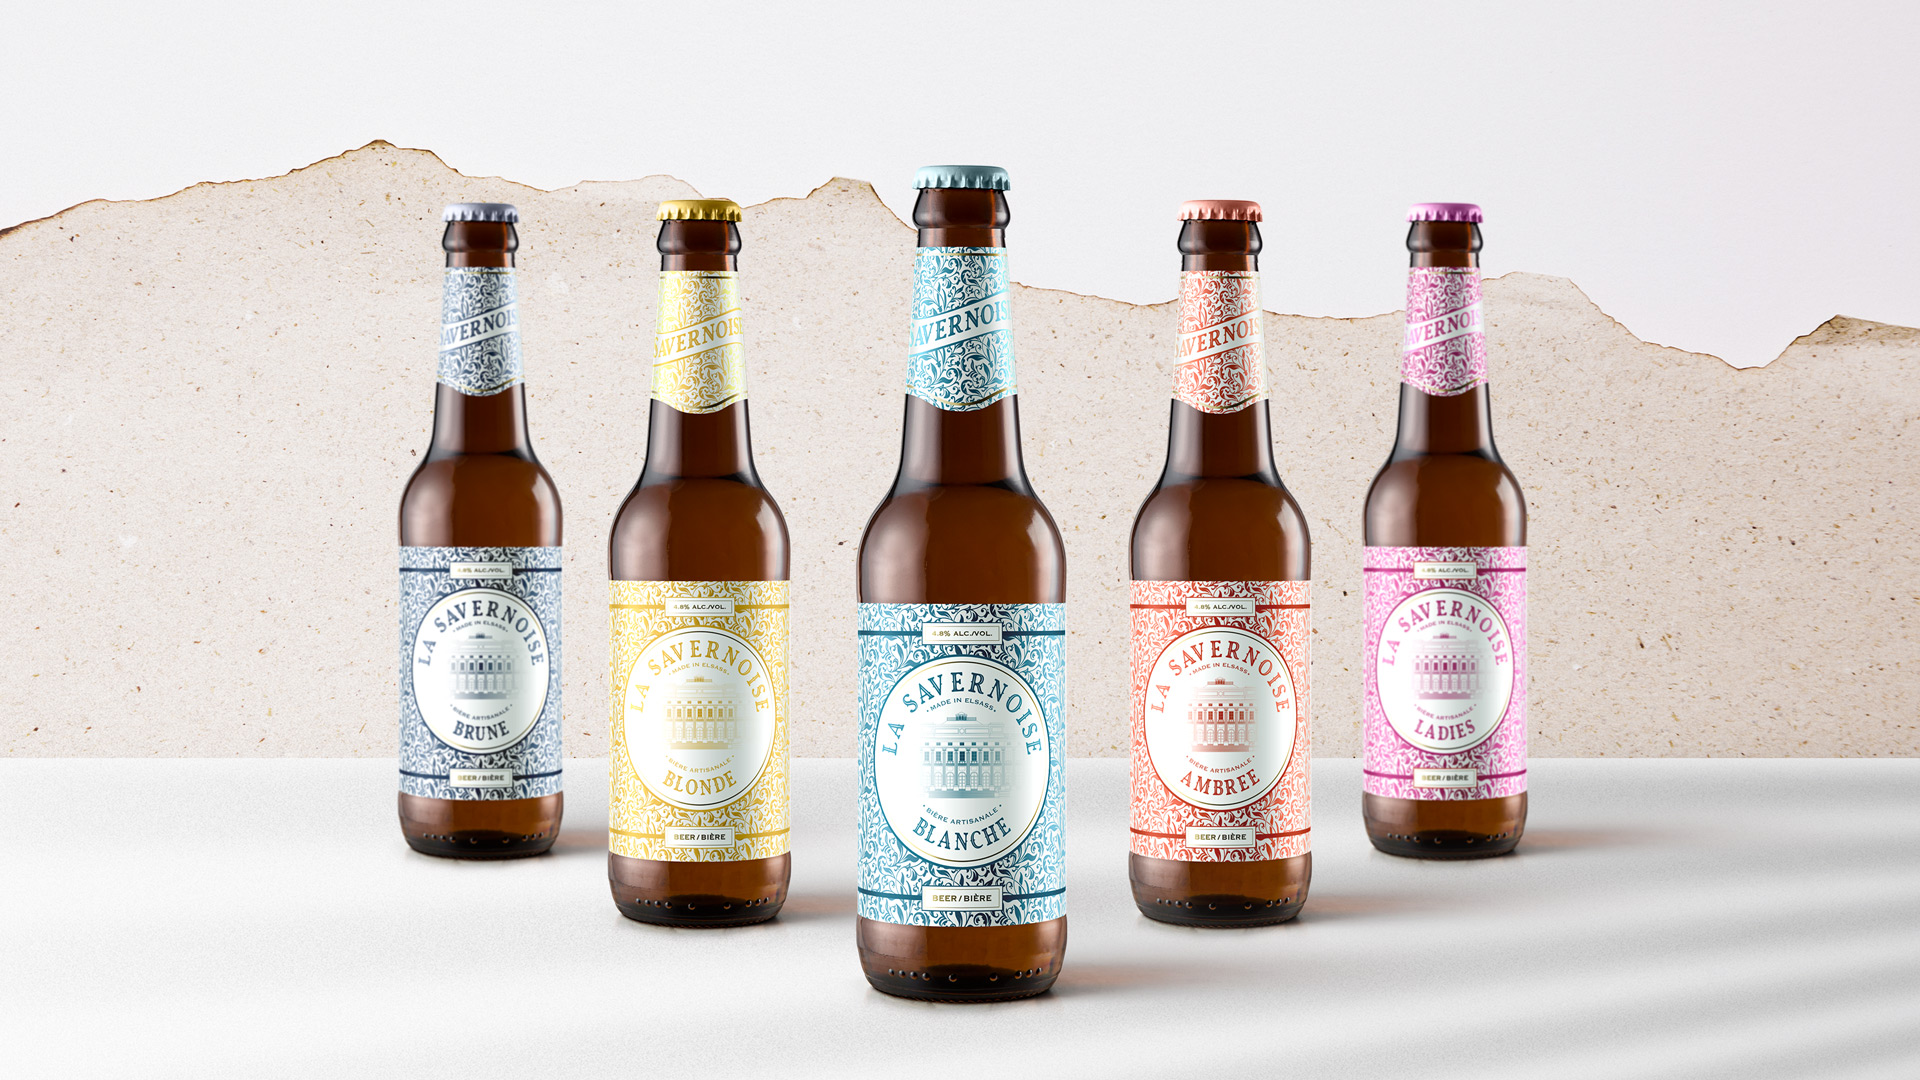 savernoise-biere-artisanale-packaging-graphiste-webdesigner-freelance-strasbourg-studio-polette-03